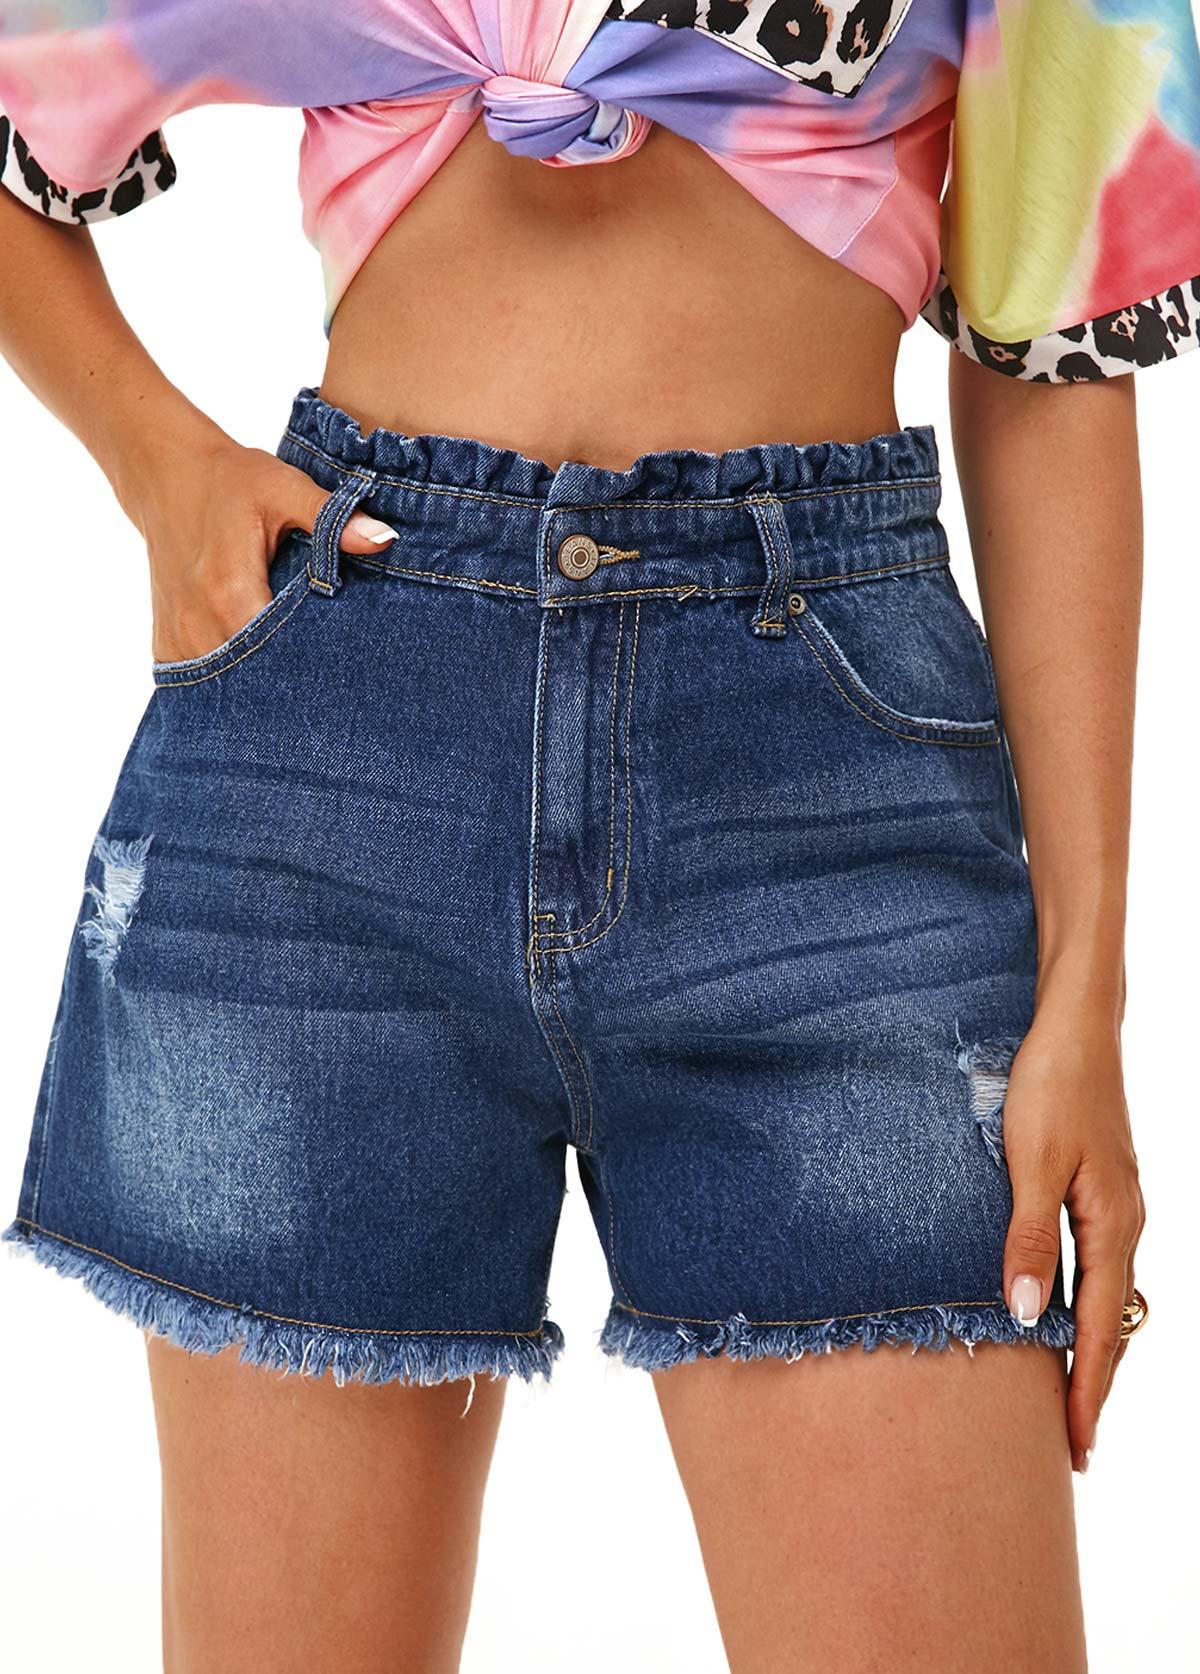 Slant Pocket Stringy Selvedge Frayed Hem Denim Shorts